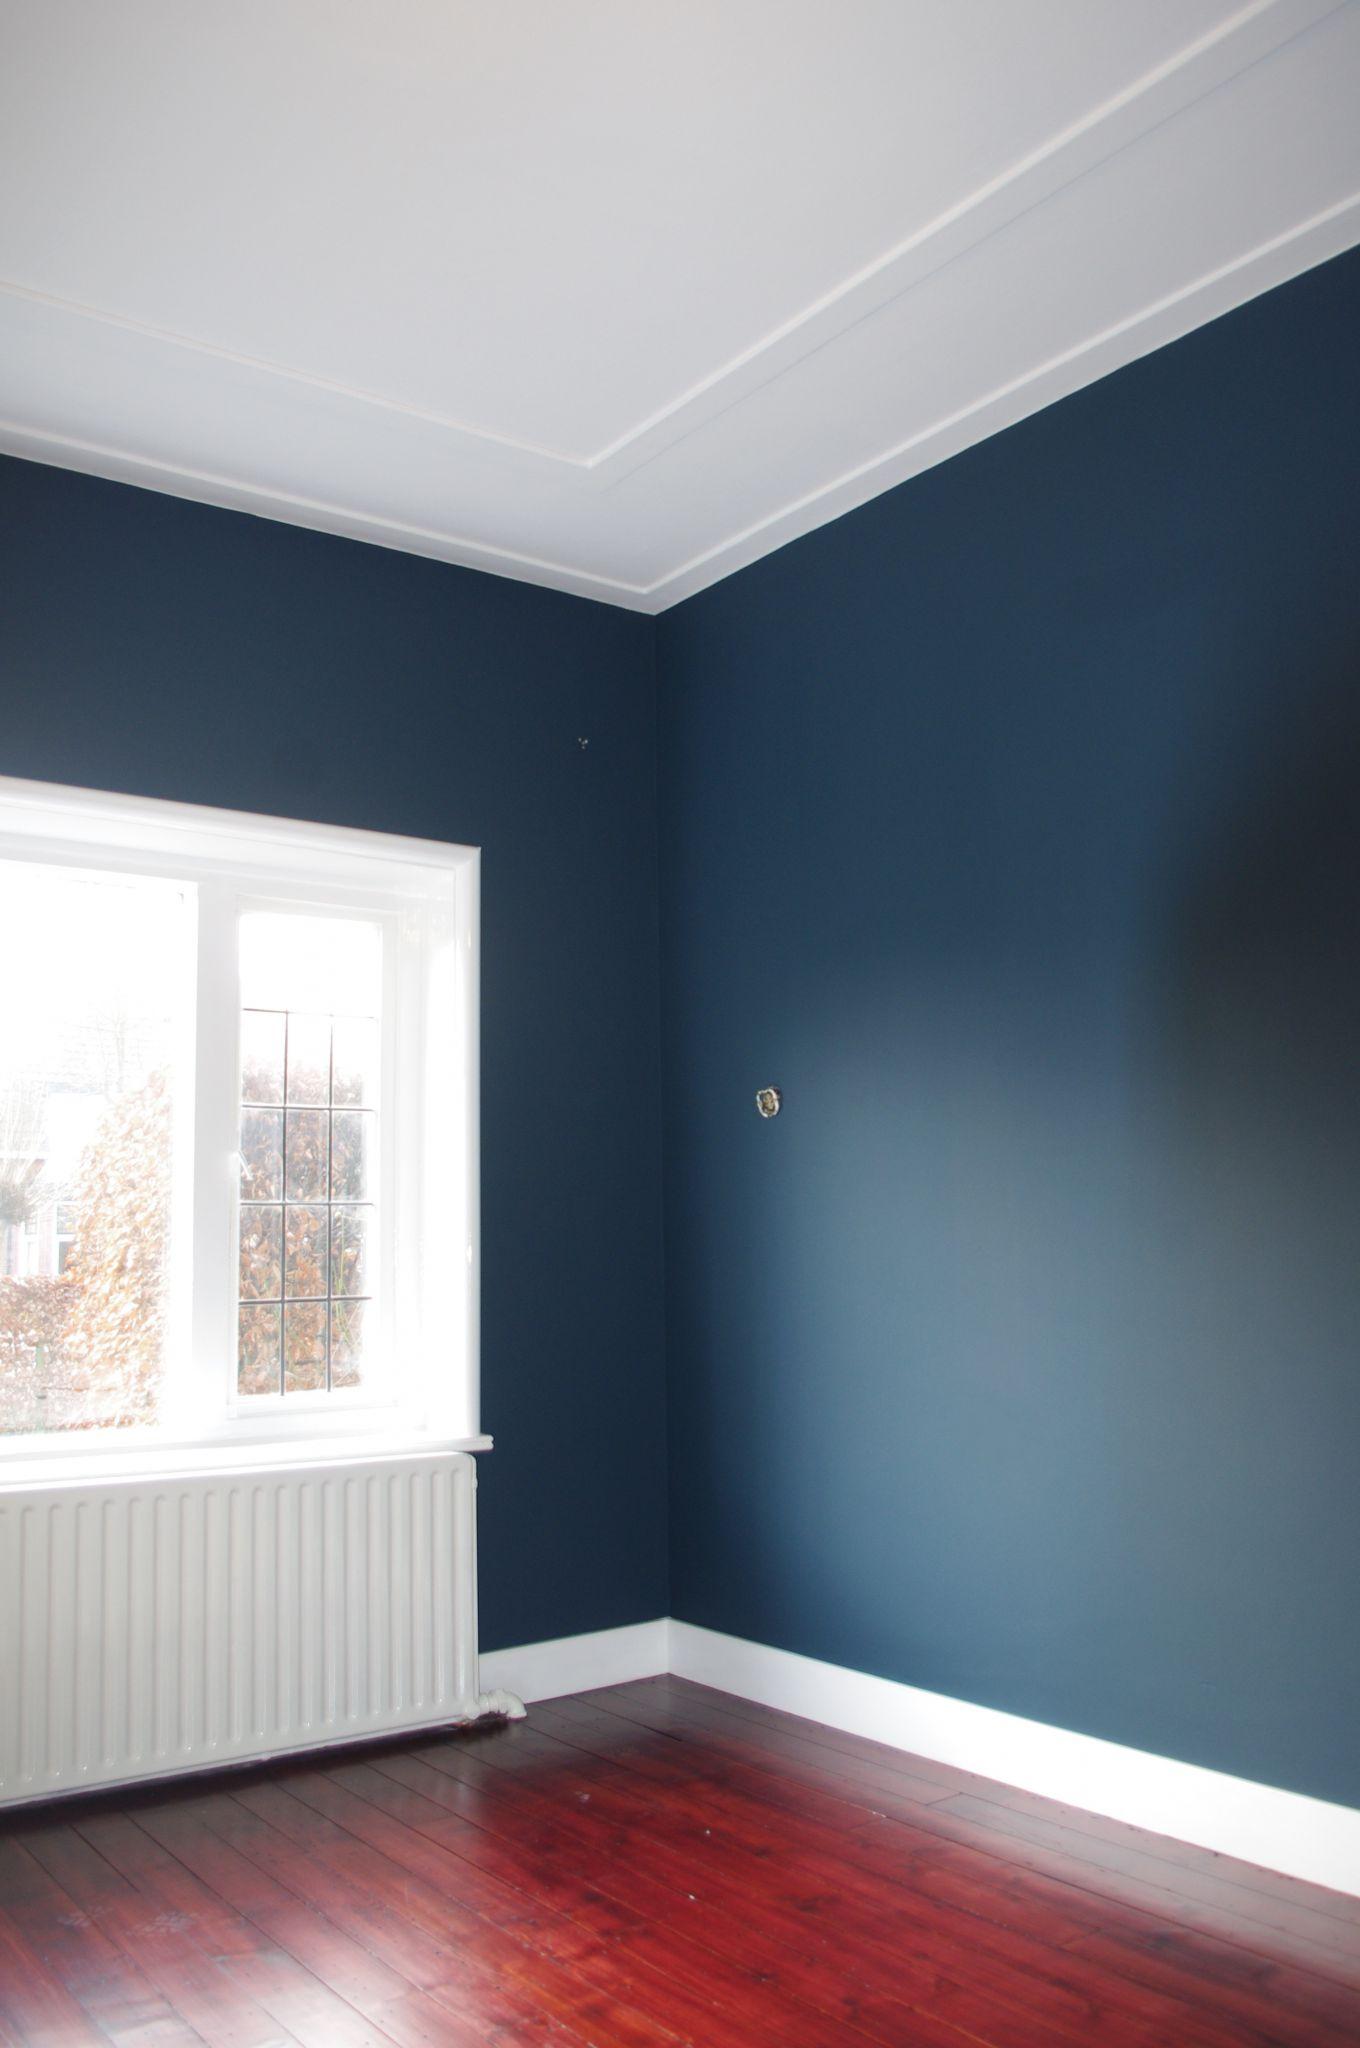 Molenweg 34 te haren walter hoogesteger schilders - Kleur verf moderne woonkamer ...